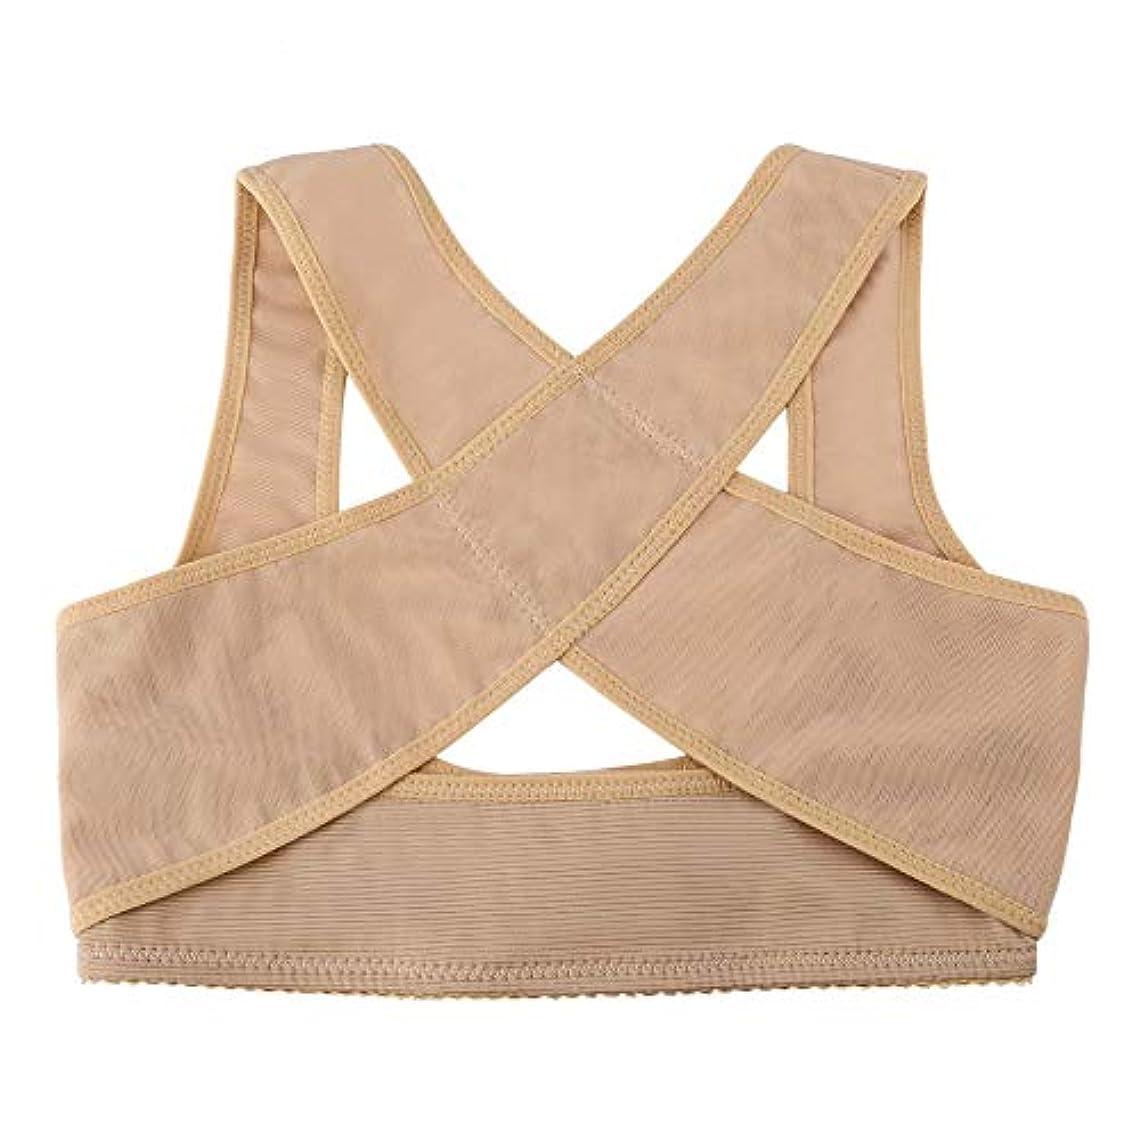 高原旧正月バラバラにする調節可能な伸縮性がある背部女性ベルトサポート姿勢補正装置支柱サポート姿勢肩補正装置ヘルスケア